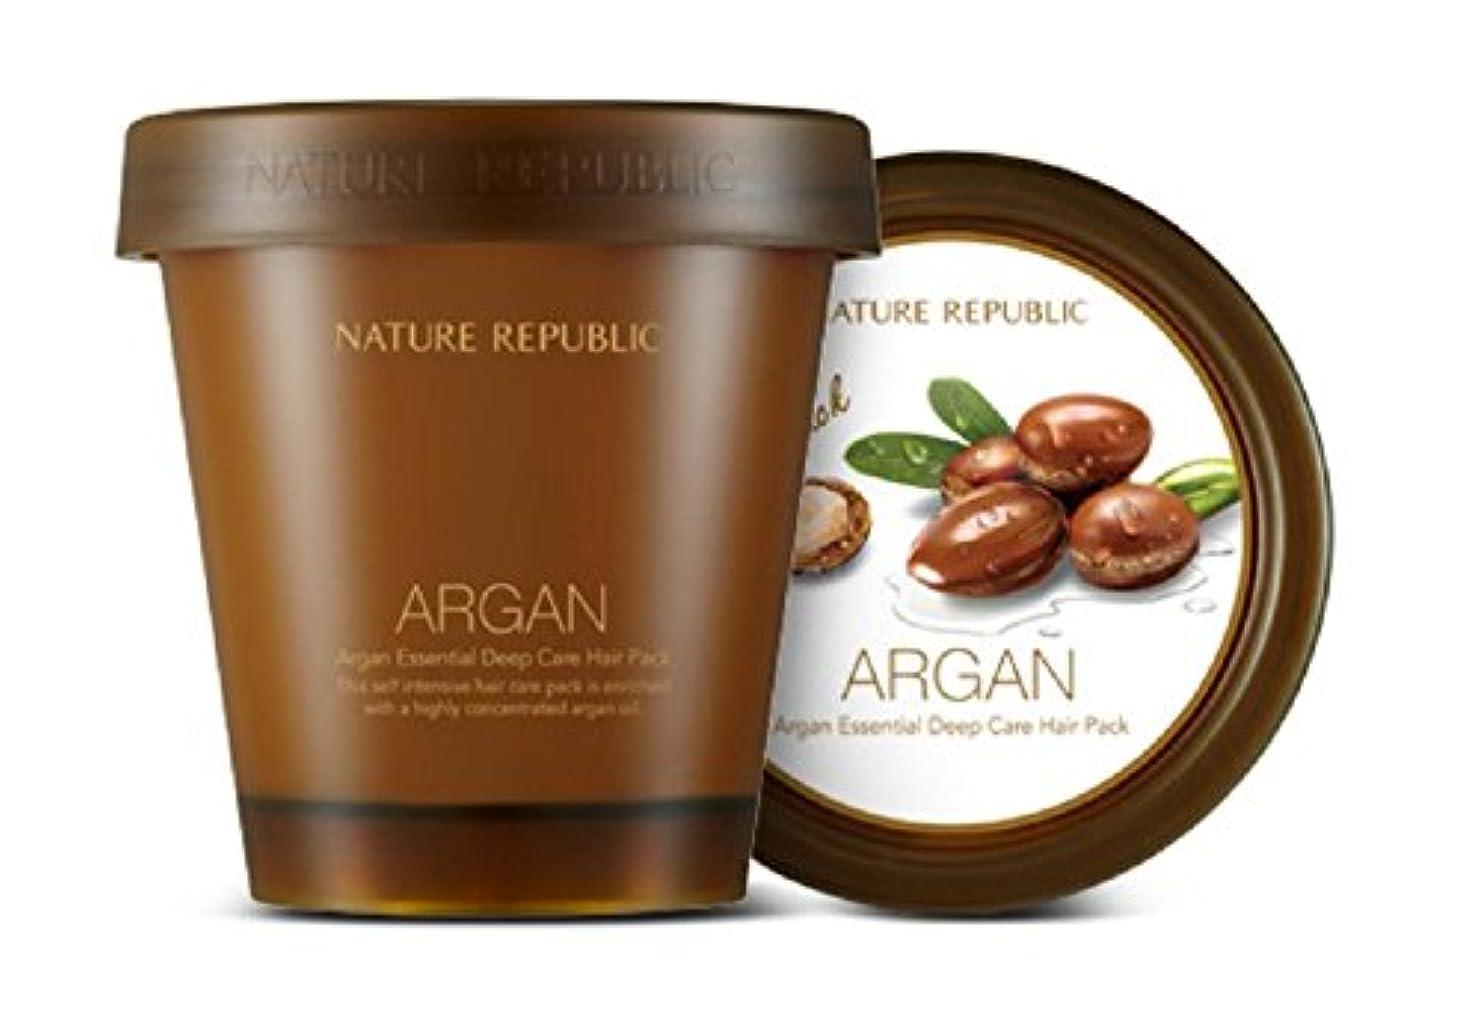 彼女消える土器【Nature Republic】アルガンエッセンシャルディープケアヘアパック(200ml)ARGAN ESSENTIAL Deep Care Hair Pack